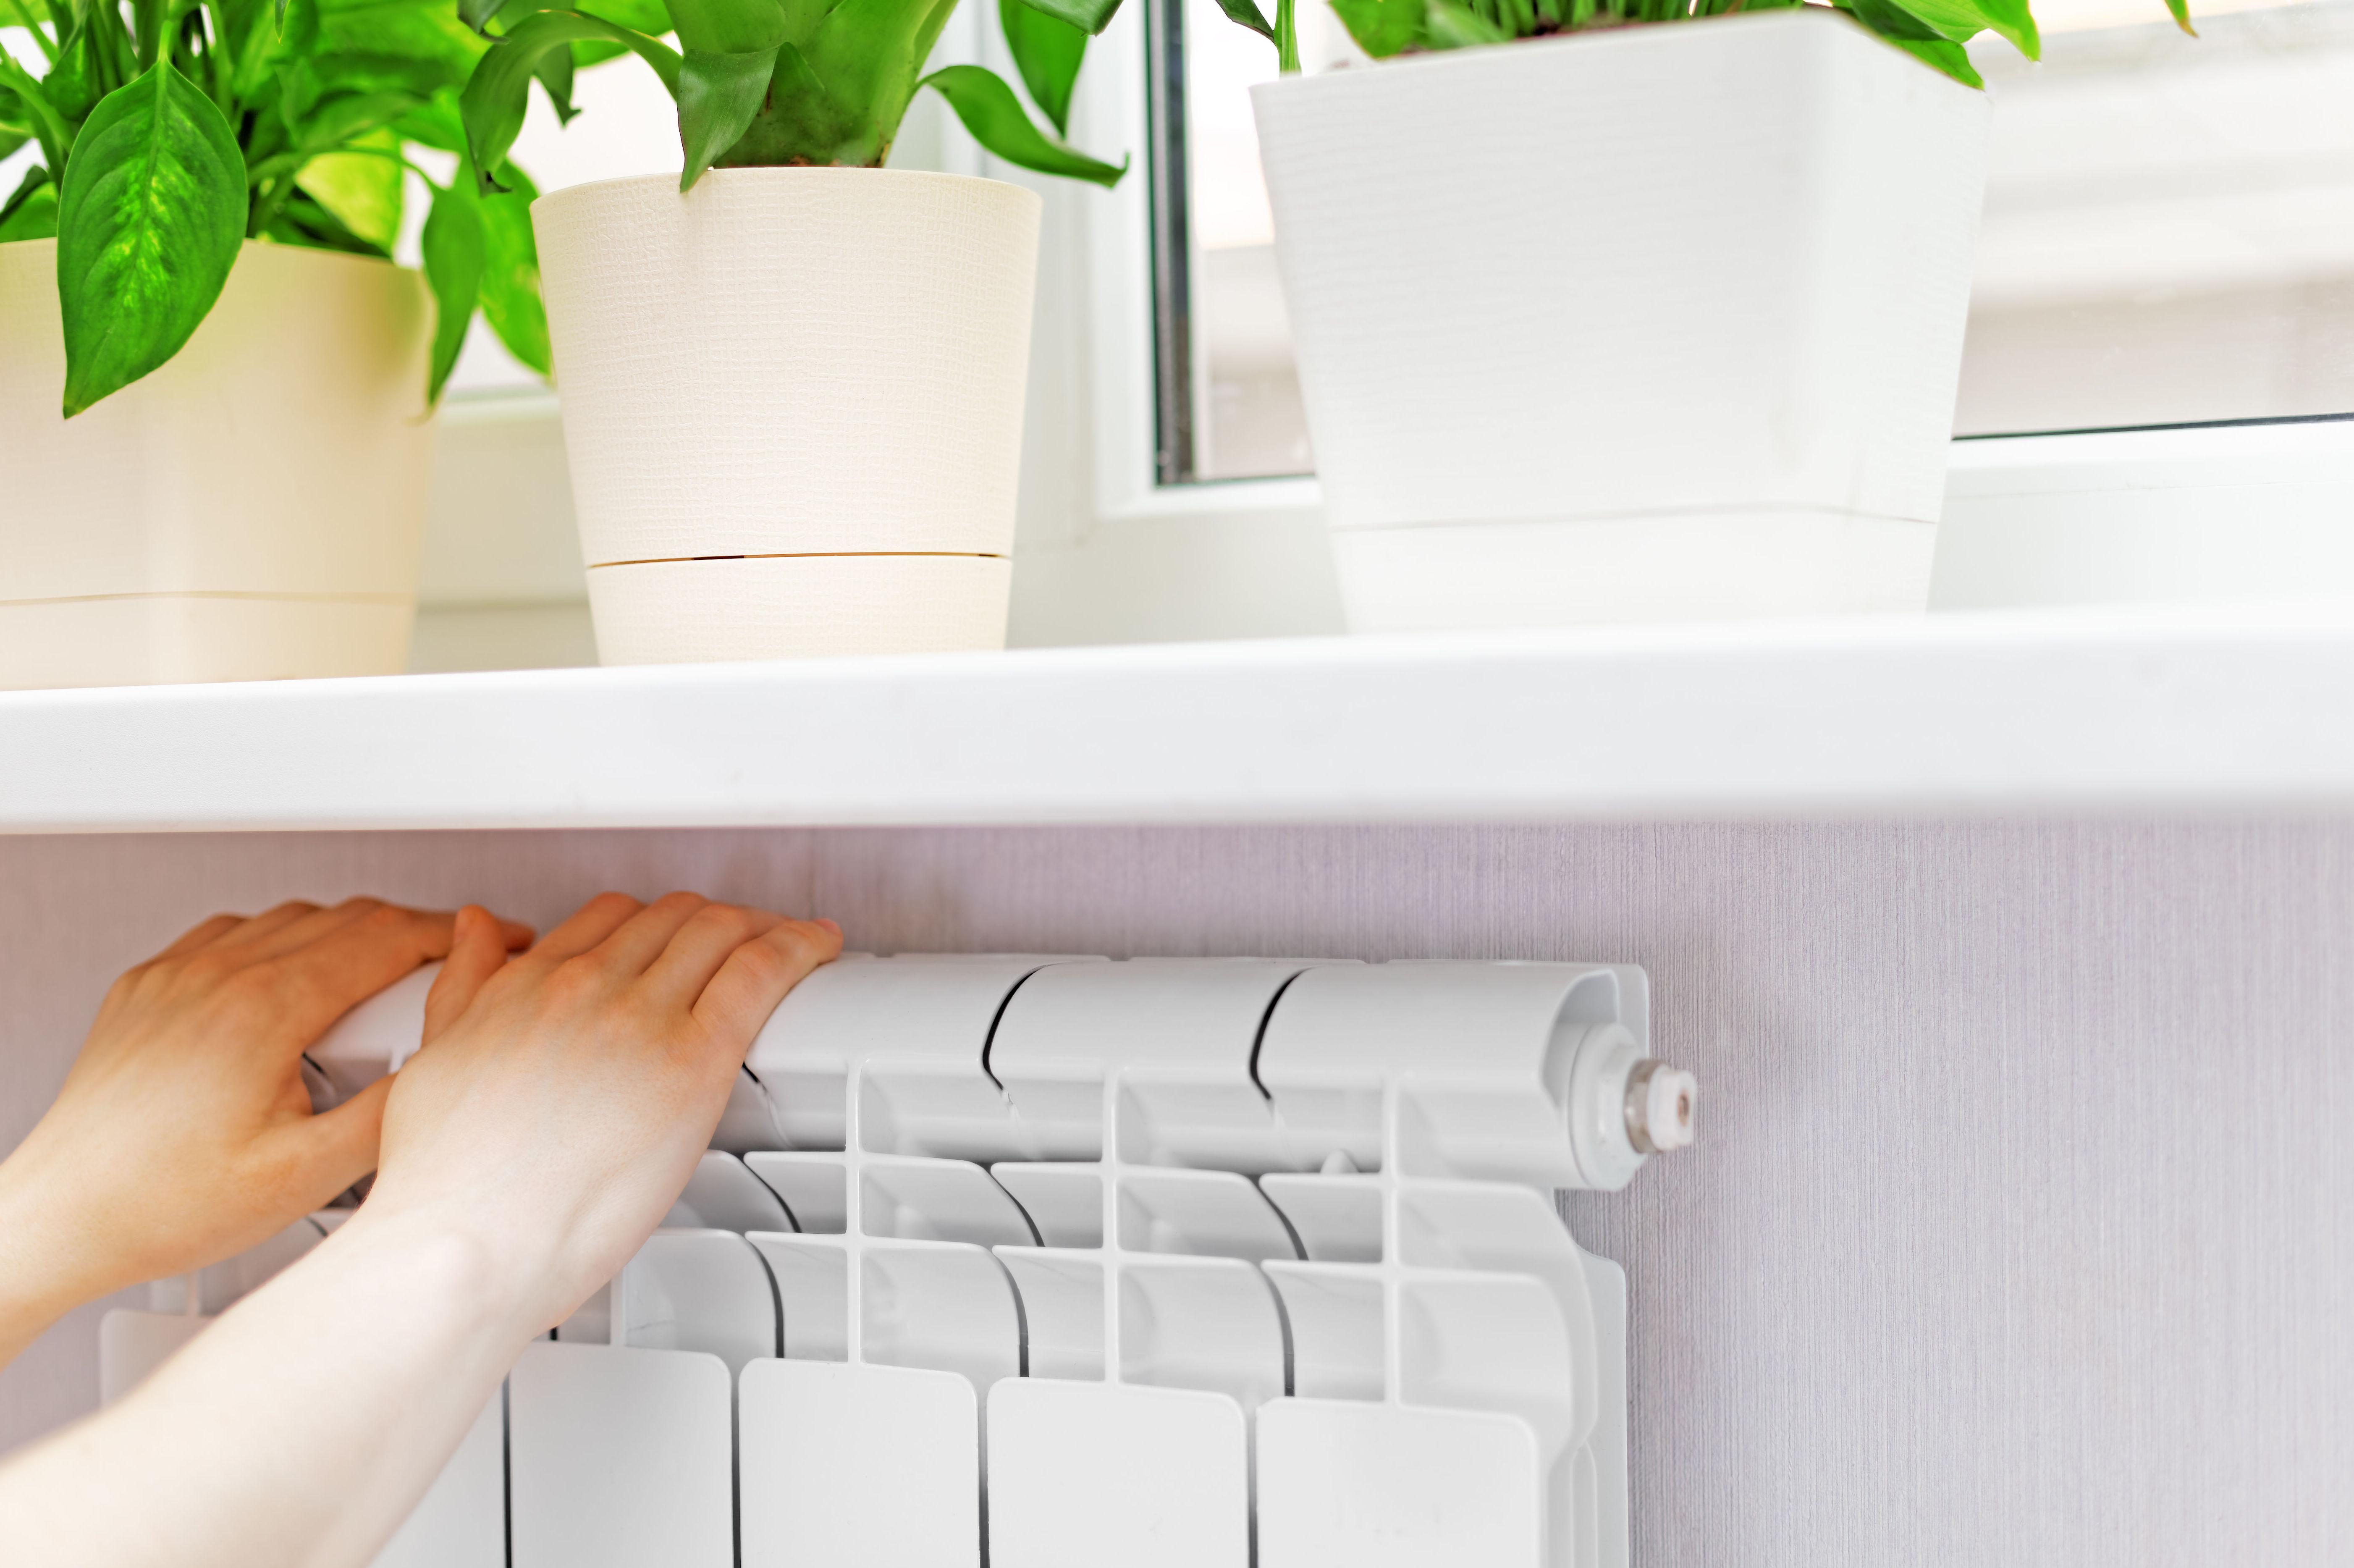 Instalación de sistemas de calefacción